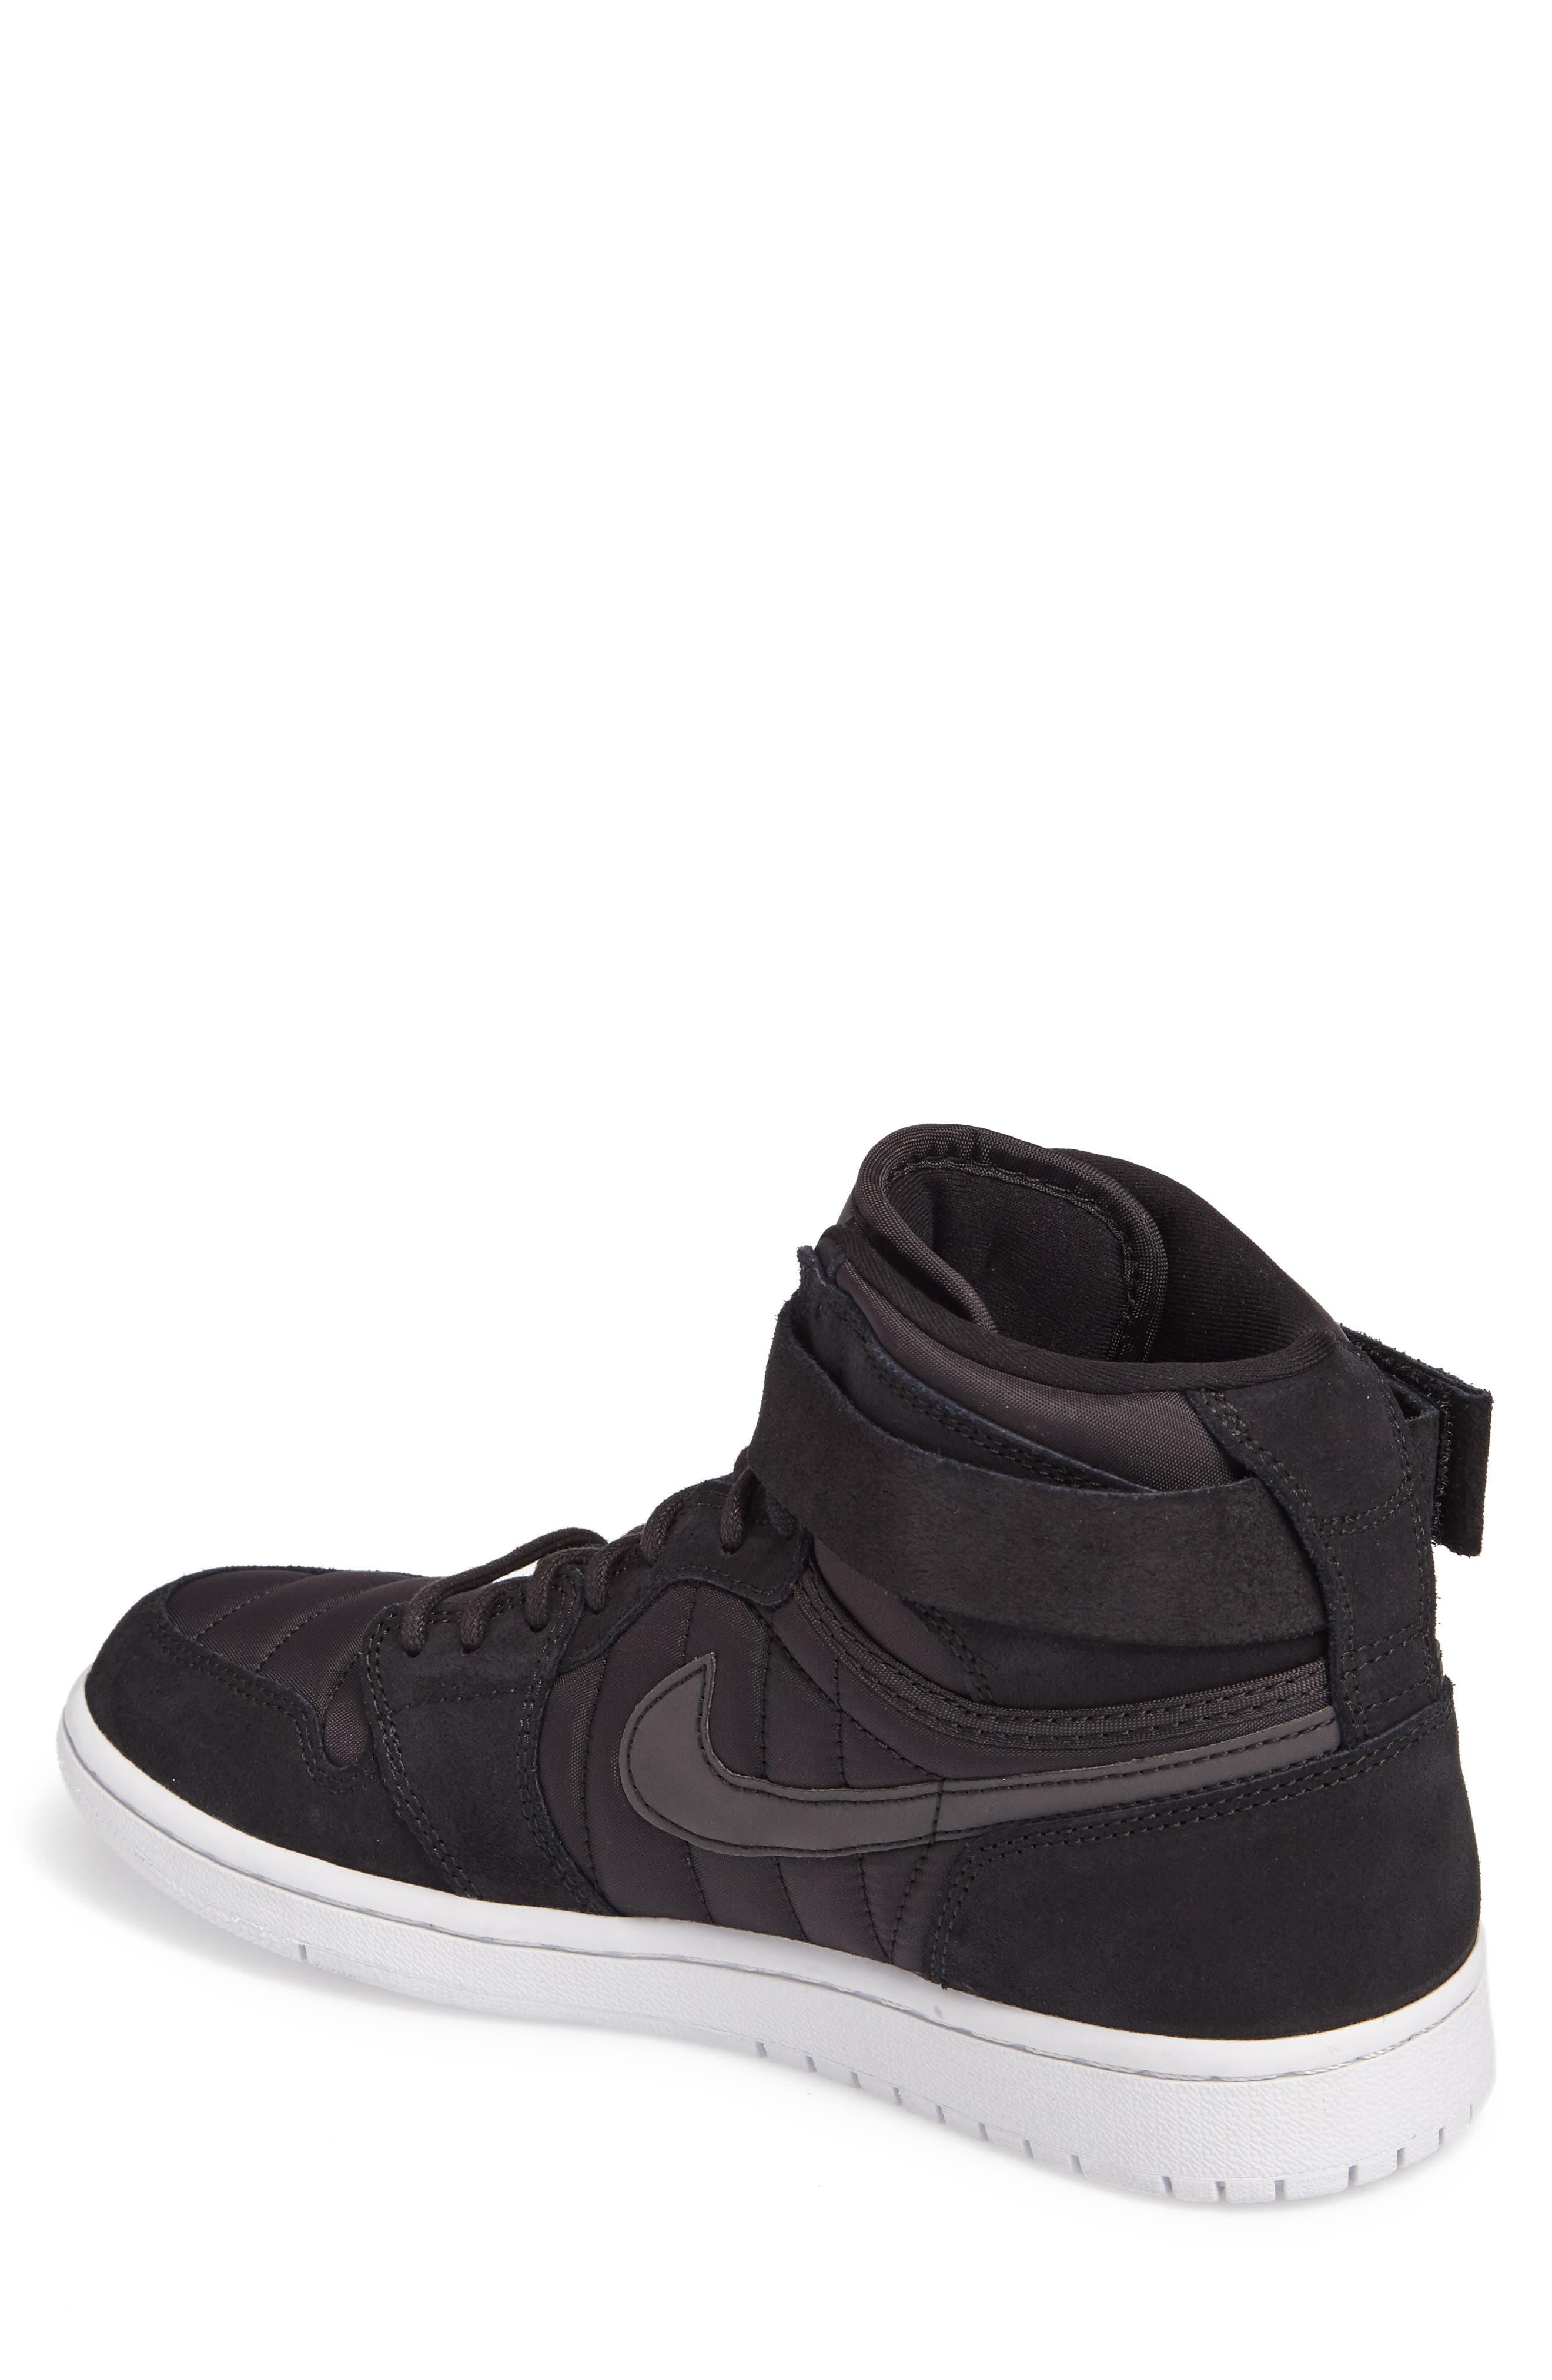 Air Jordan 1 Sneaker,                             Alternate thumbnail 2, color,                             004